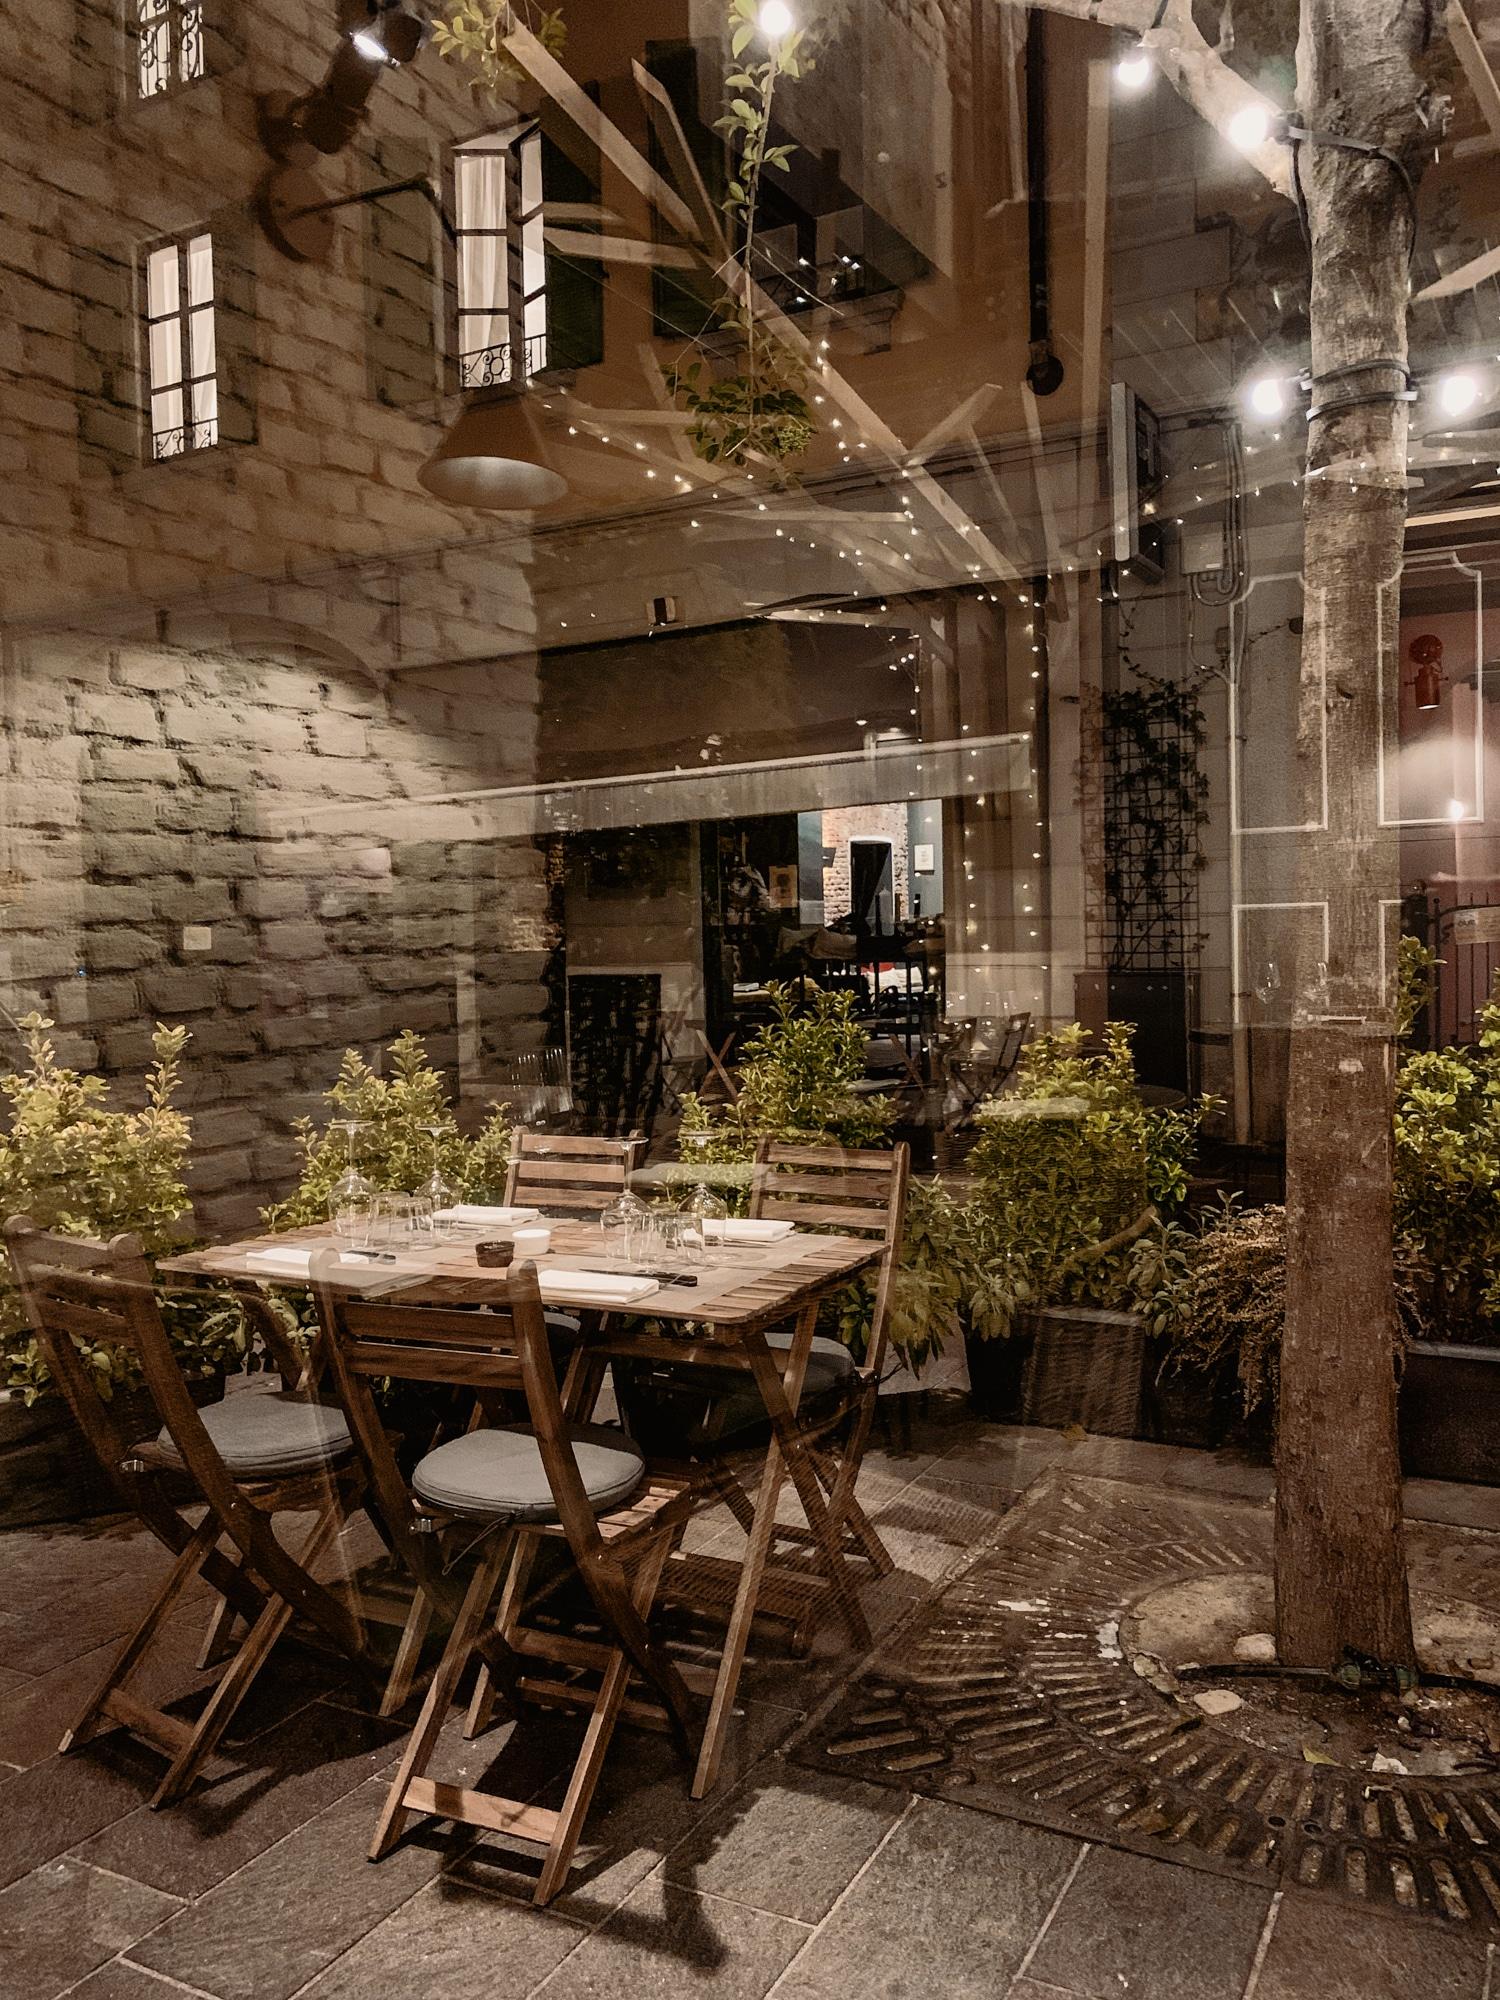 Monza und Brianza: Sehenswürdigkeiten und Highlights in der Lombardei - Ristorante GREN